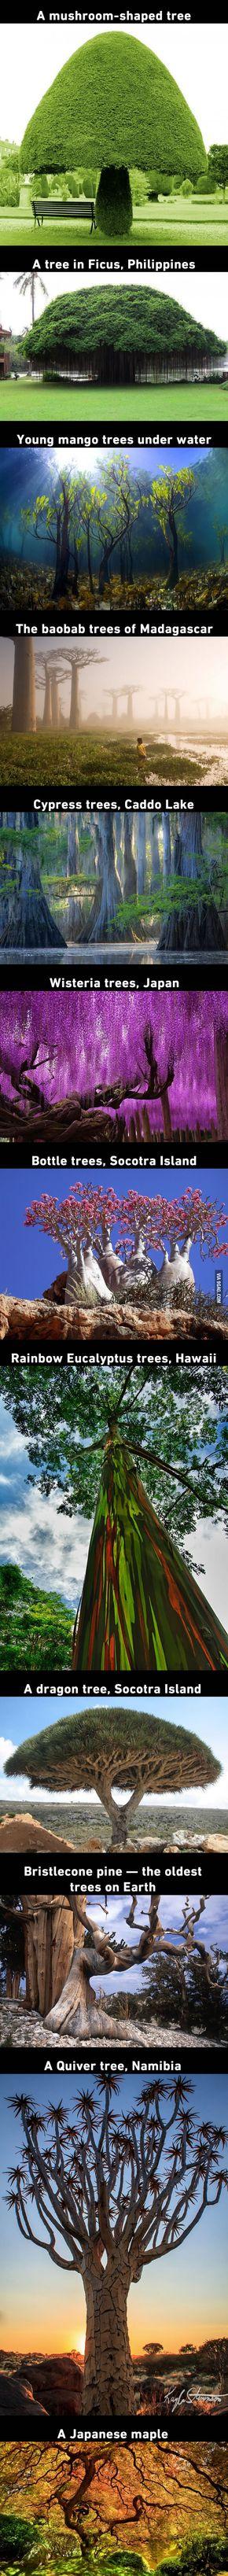 los árboles sn hermosos en serio!!!!